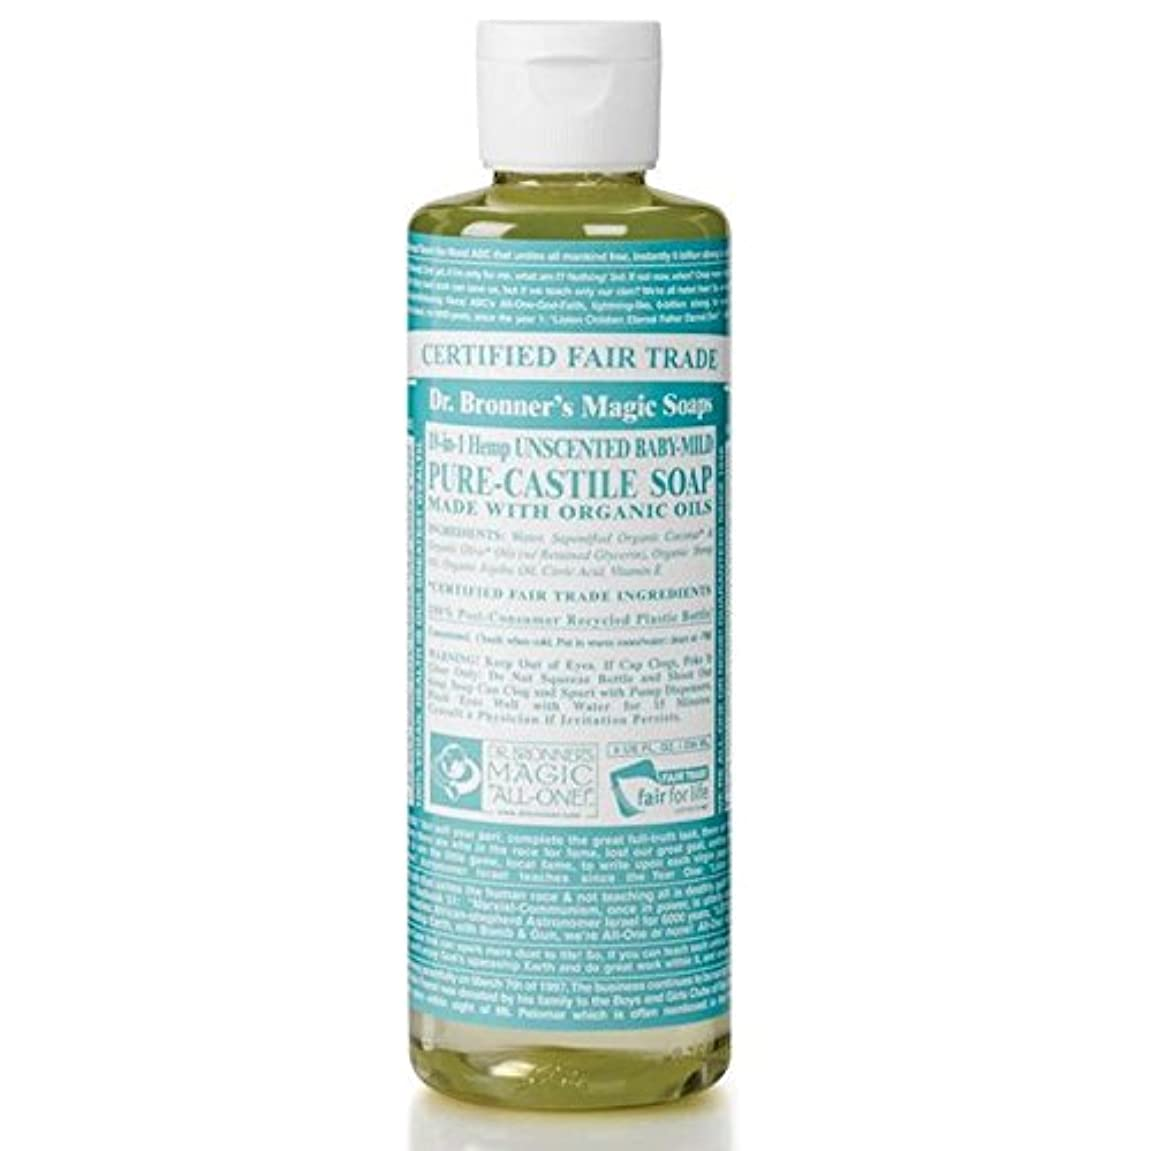 結核せっかちディーラーのブロナーオーガニックベビーマイルドなキャスト液体石鹸237ミリリットル x2 - Dr Bronner Organic Baby Mild Cast Liquid Soap 237ml (Pack of 2) [並行輸入品]